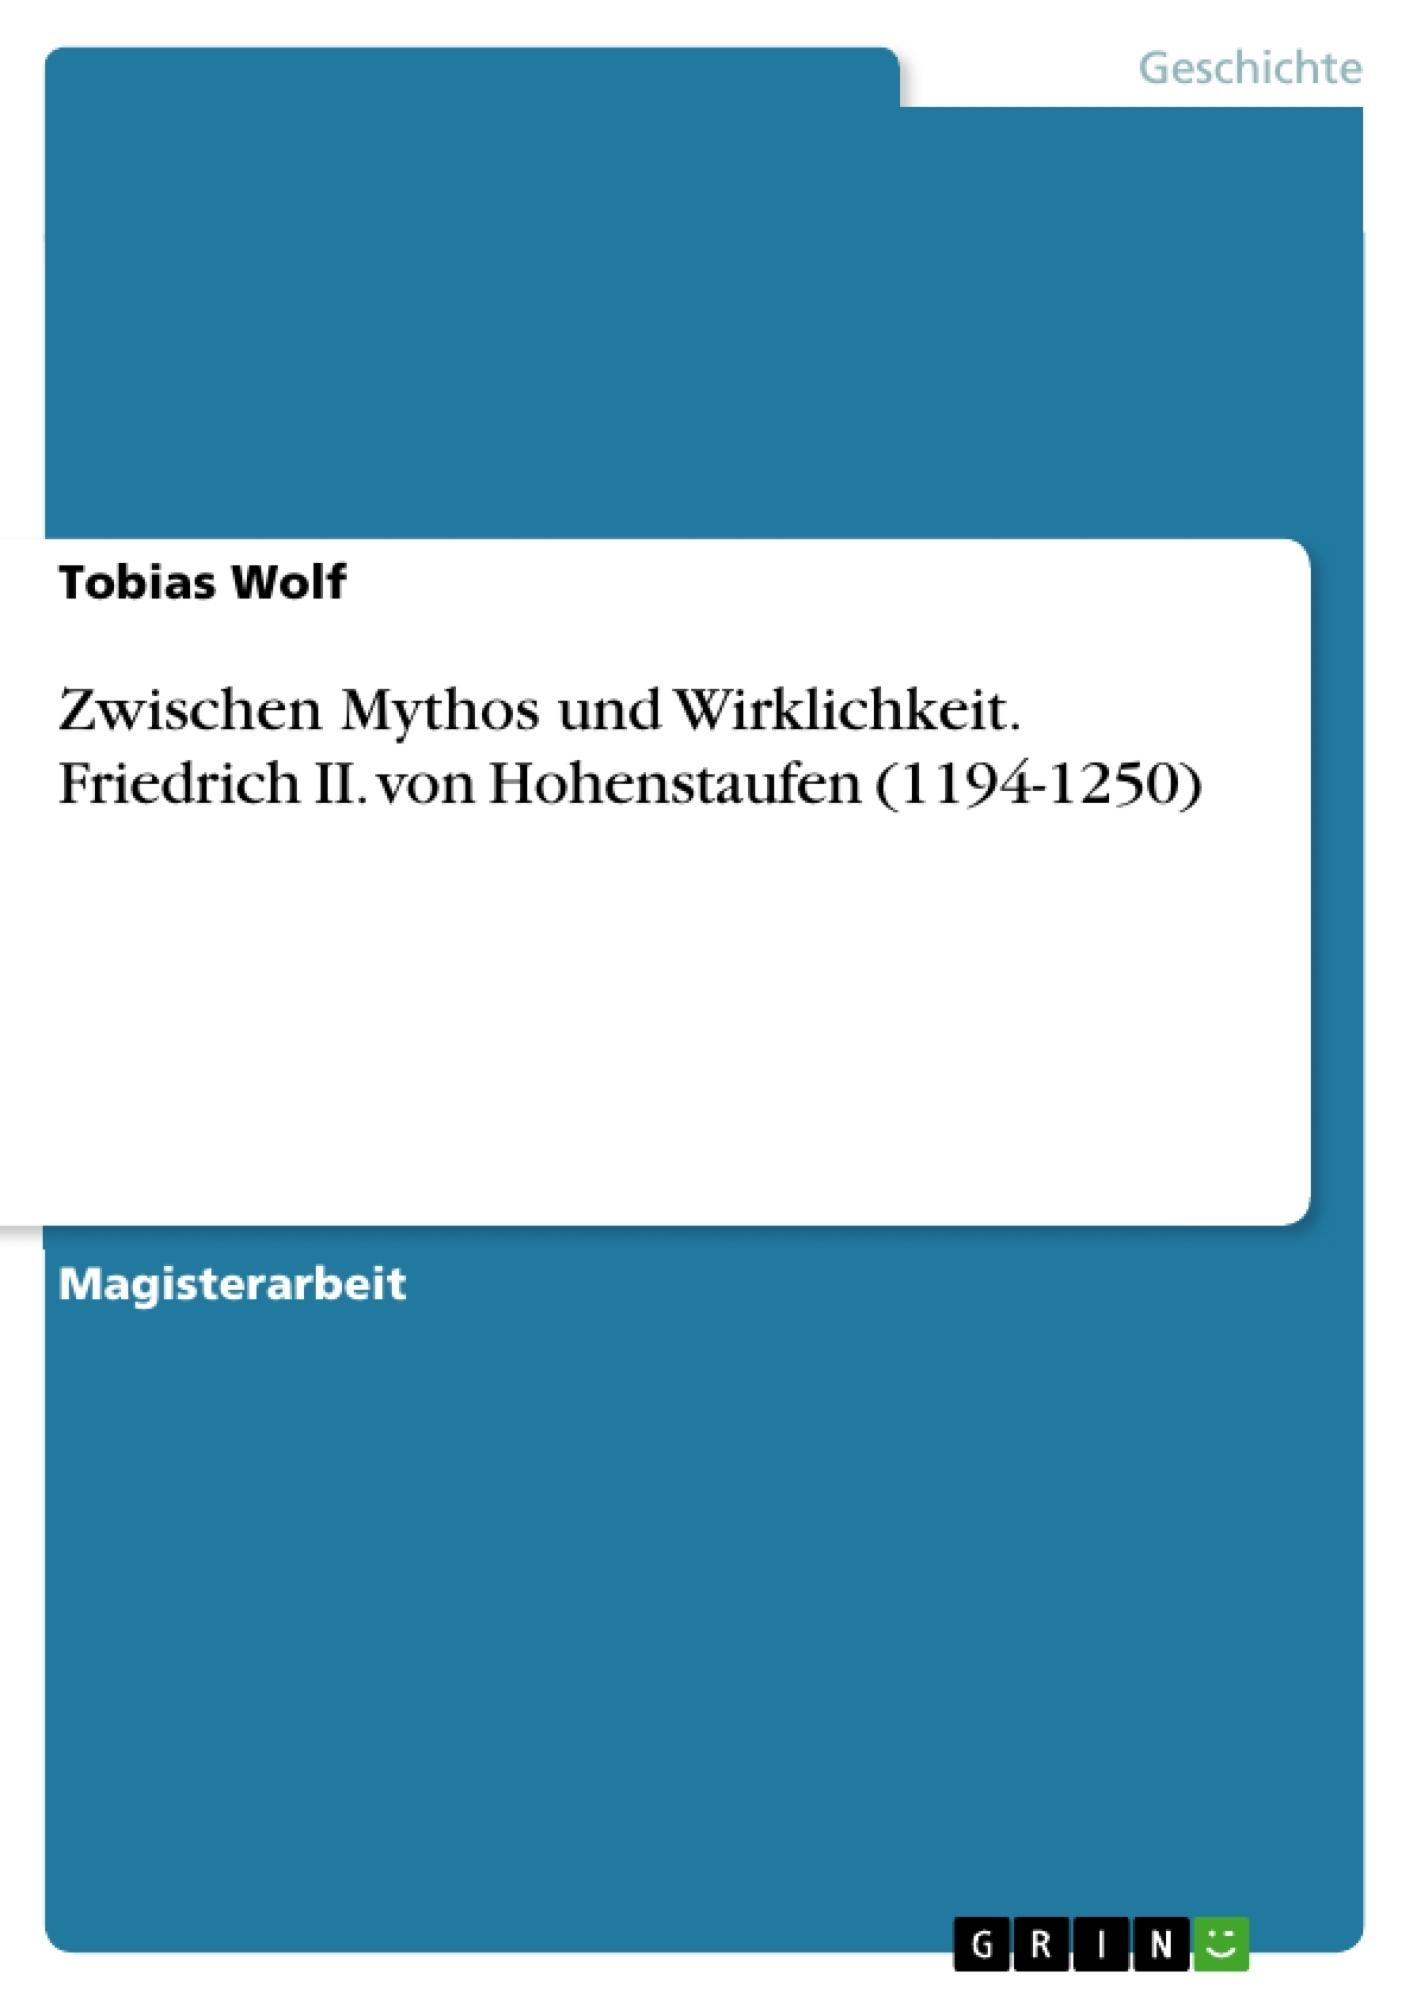 Titel: Zwischen Mythos und Wirklichkeit. Friedrich II. von Hohenstaufen (1194-1250)